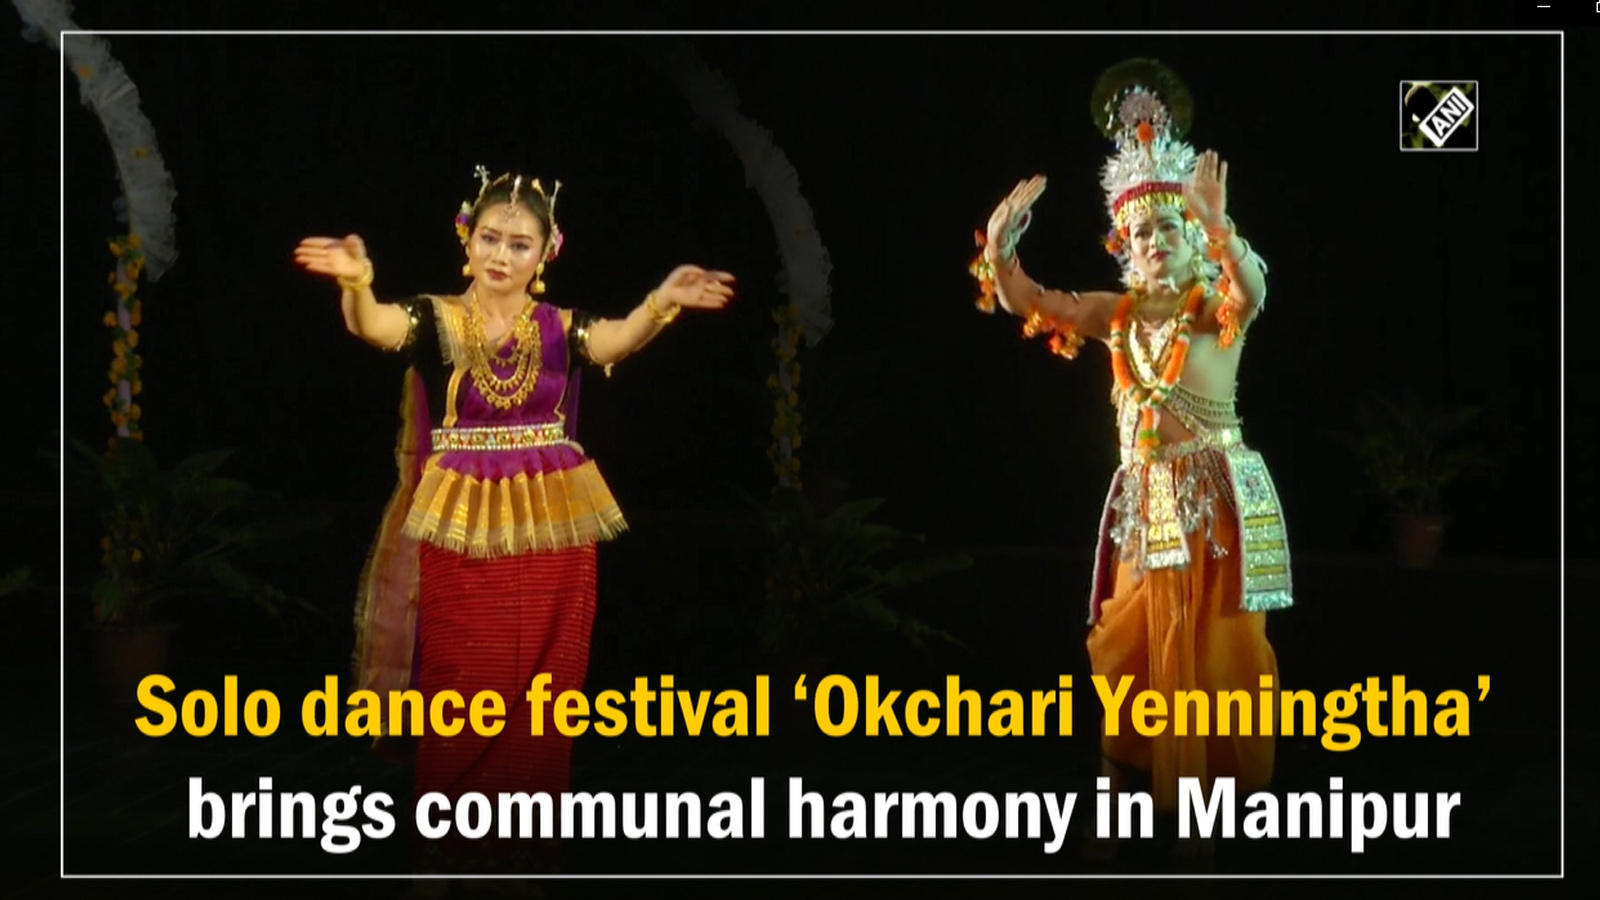 solo-dance-festival-okchari-yenningtha-brings-communal-harmony-in-manipur